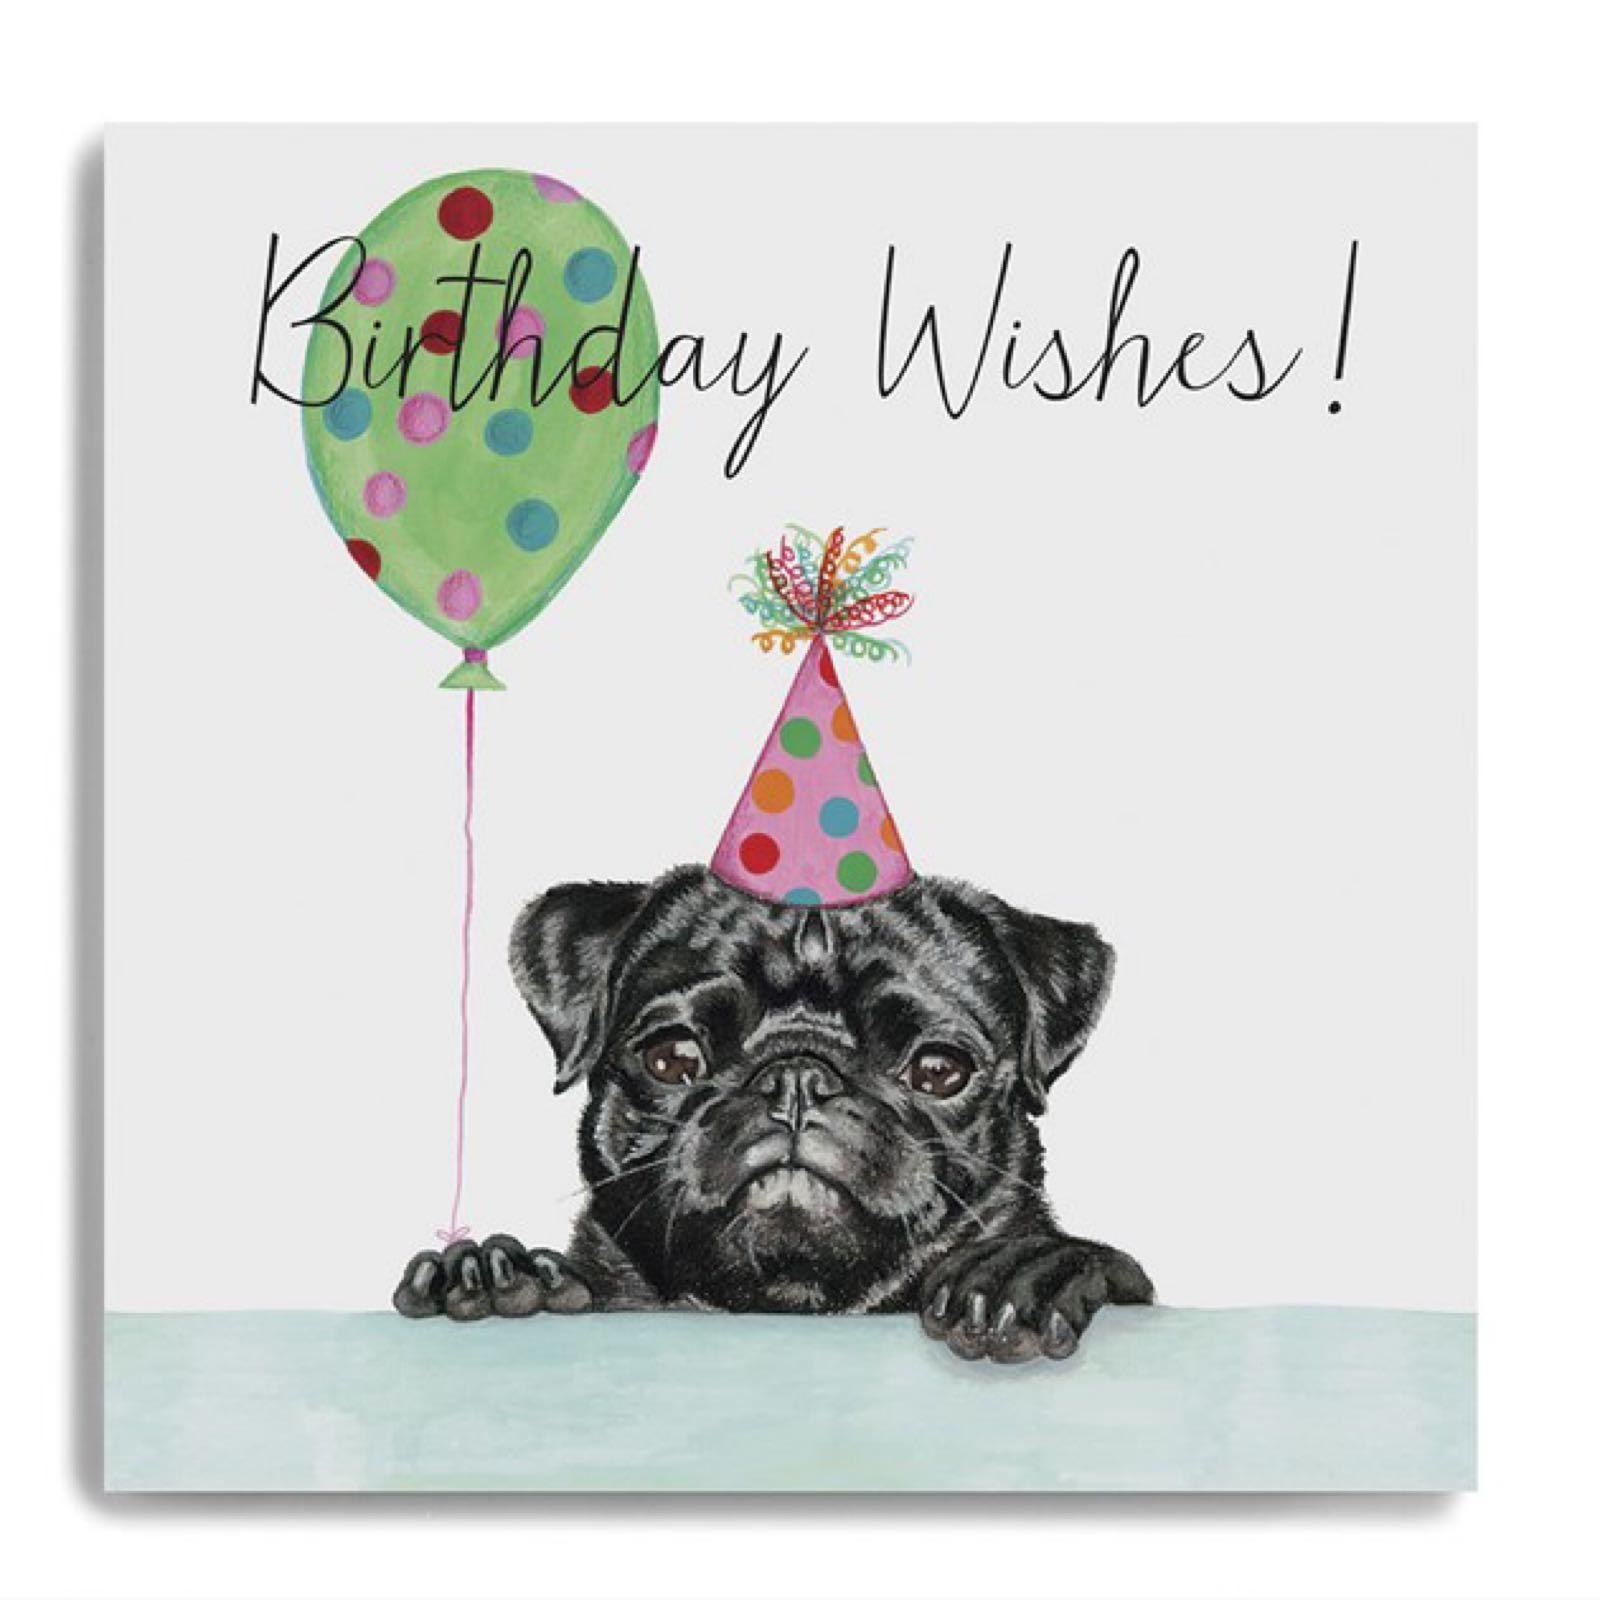 Janie Wilson birthday wishes card